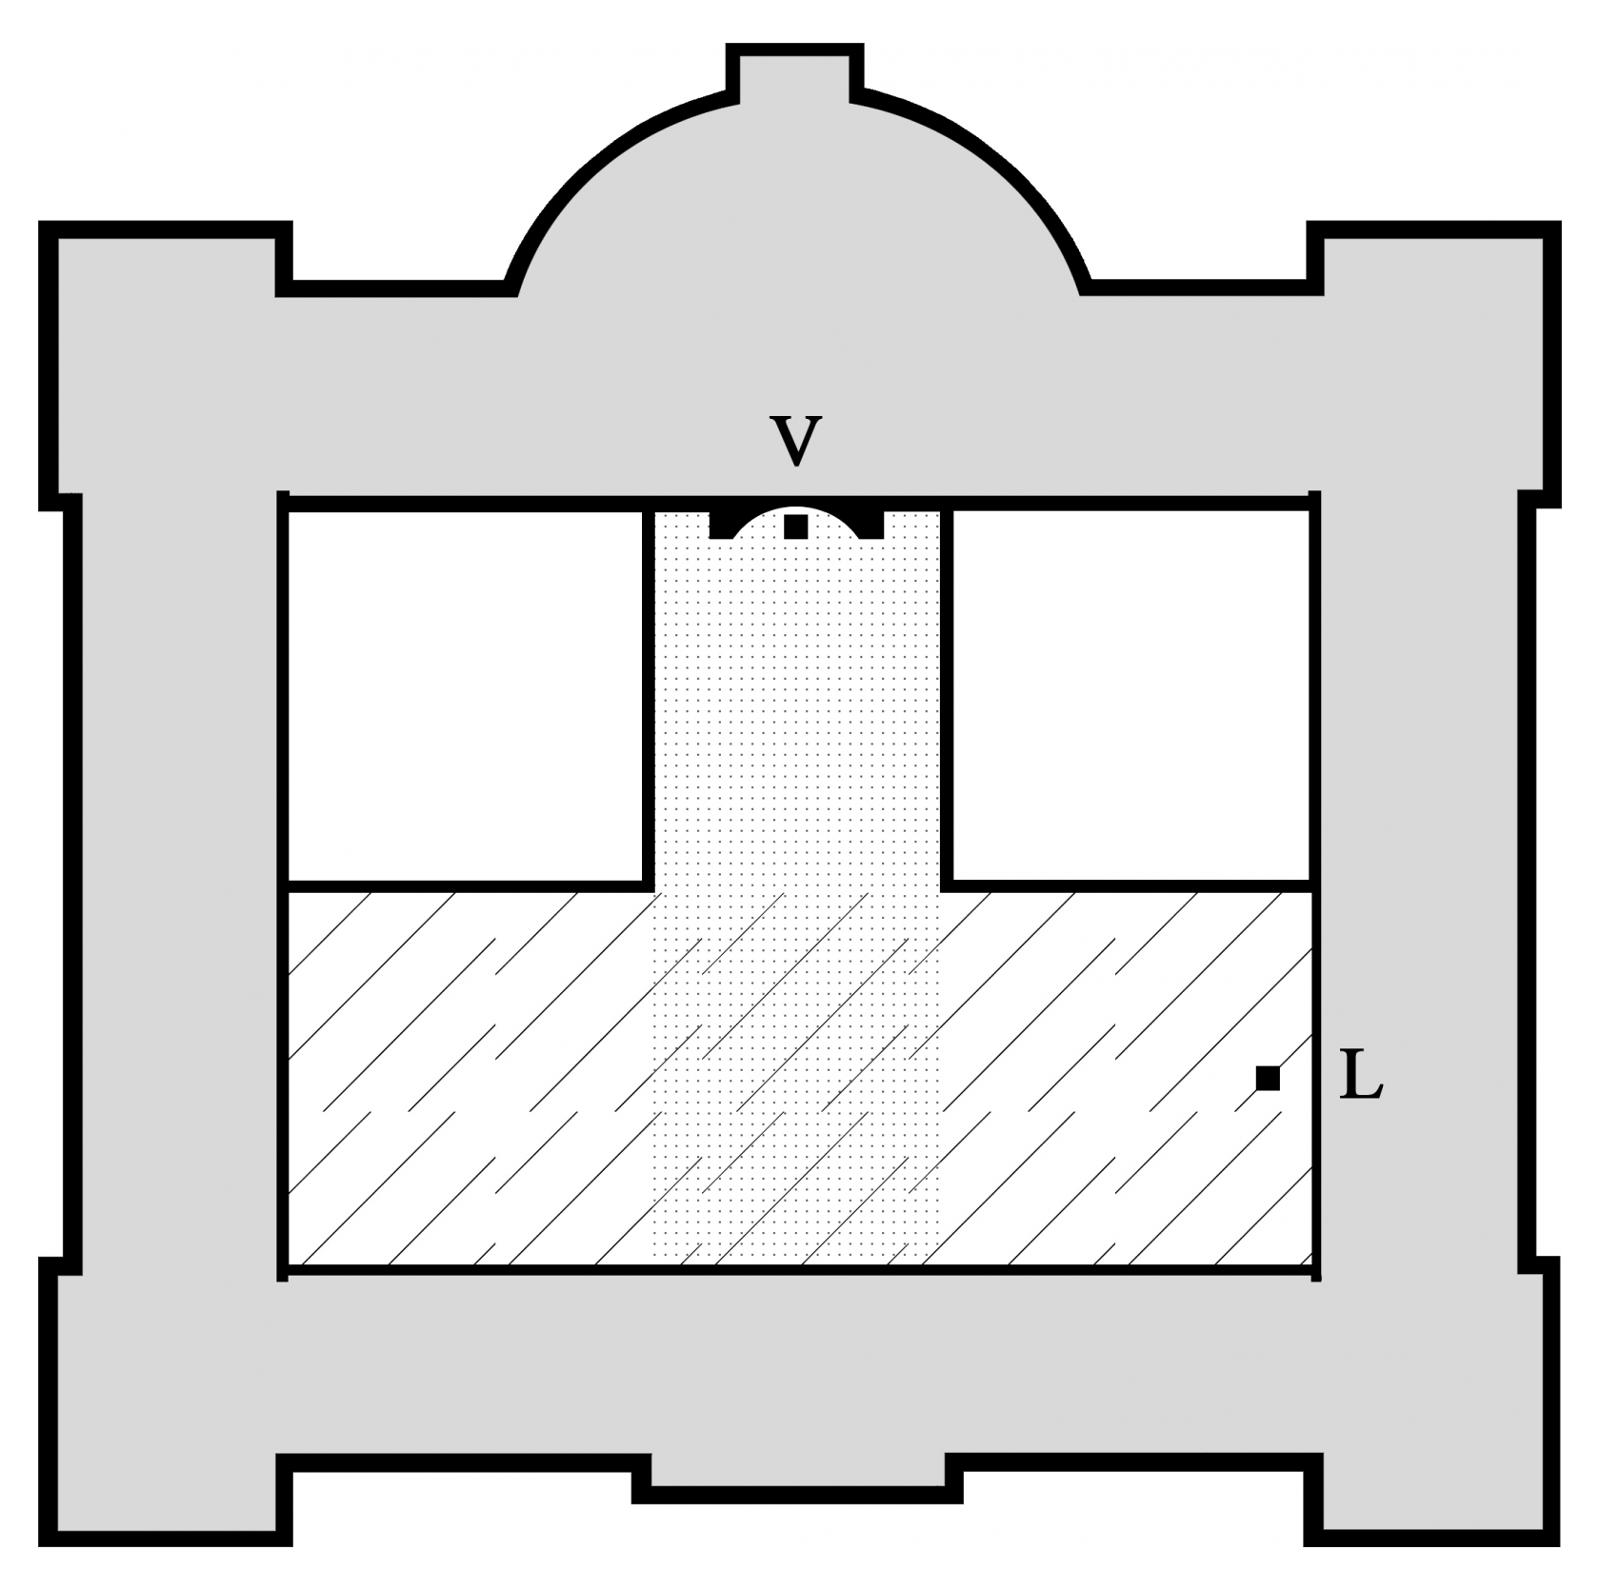 7 il. Vytauto Didžiojo muziejaus planas su išskirta centrine interjero zona. Vytauto kapelos patalpa pažymėta taškais, o Didžiosios Karo muziejaus salė brūkšniais. V - Vytauto Didžiojo statulos vieta, L – Laisvės statulos kopijos vieta. Pagal Audriaus Novicko sumanymą atliko Kipras Dubauskas